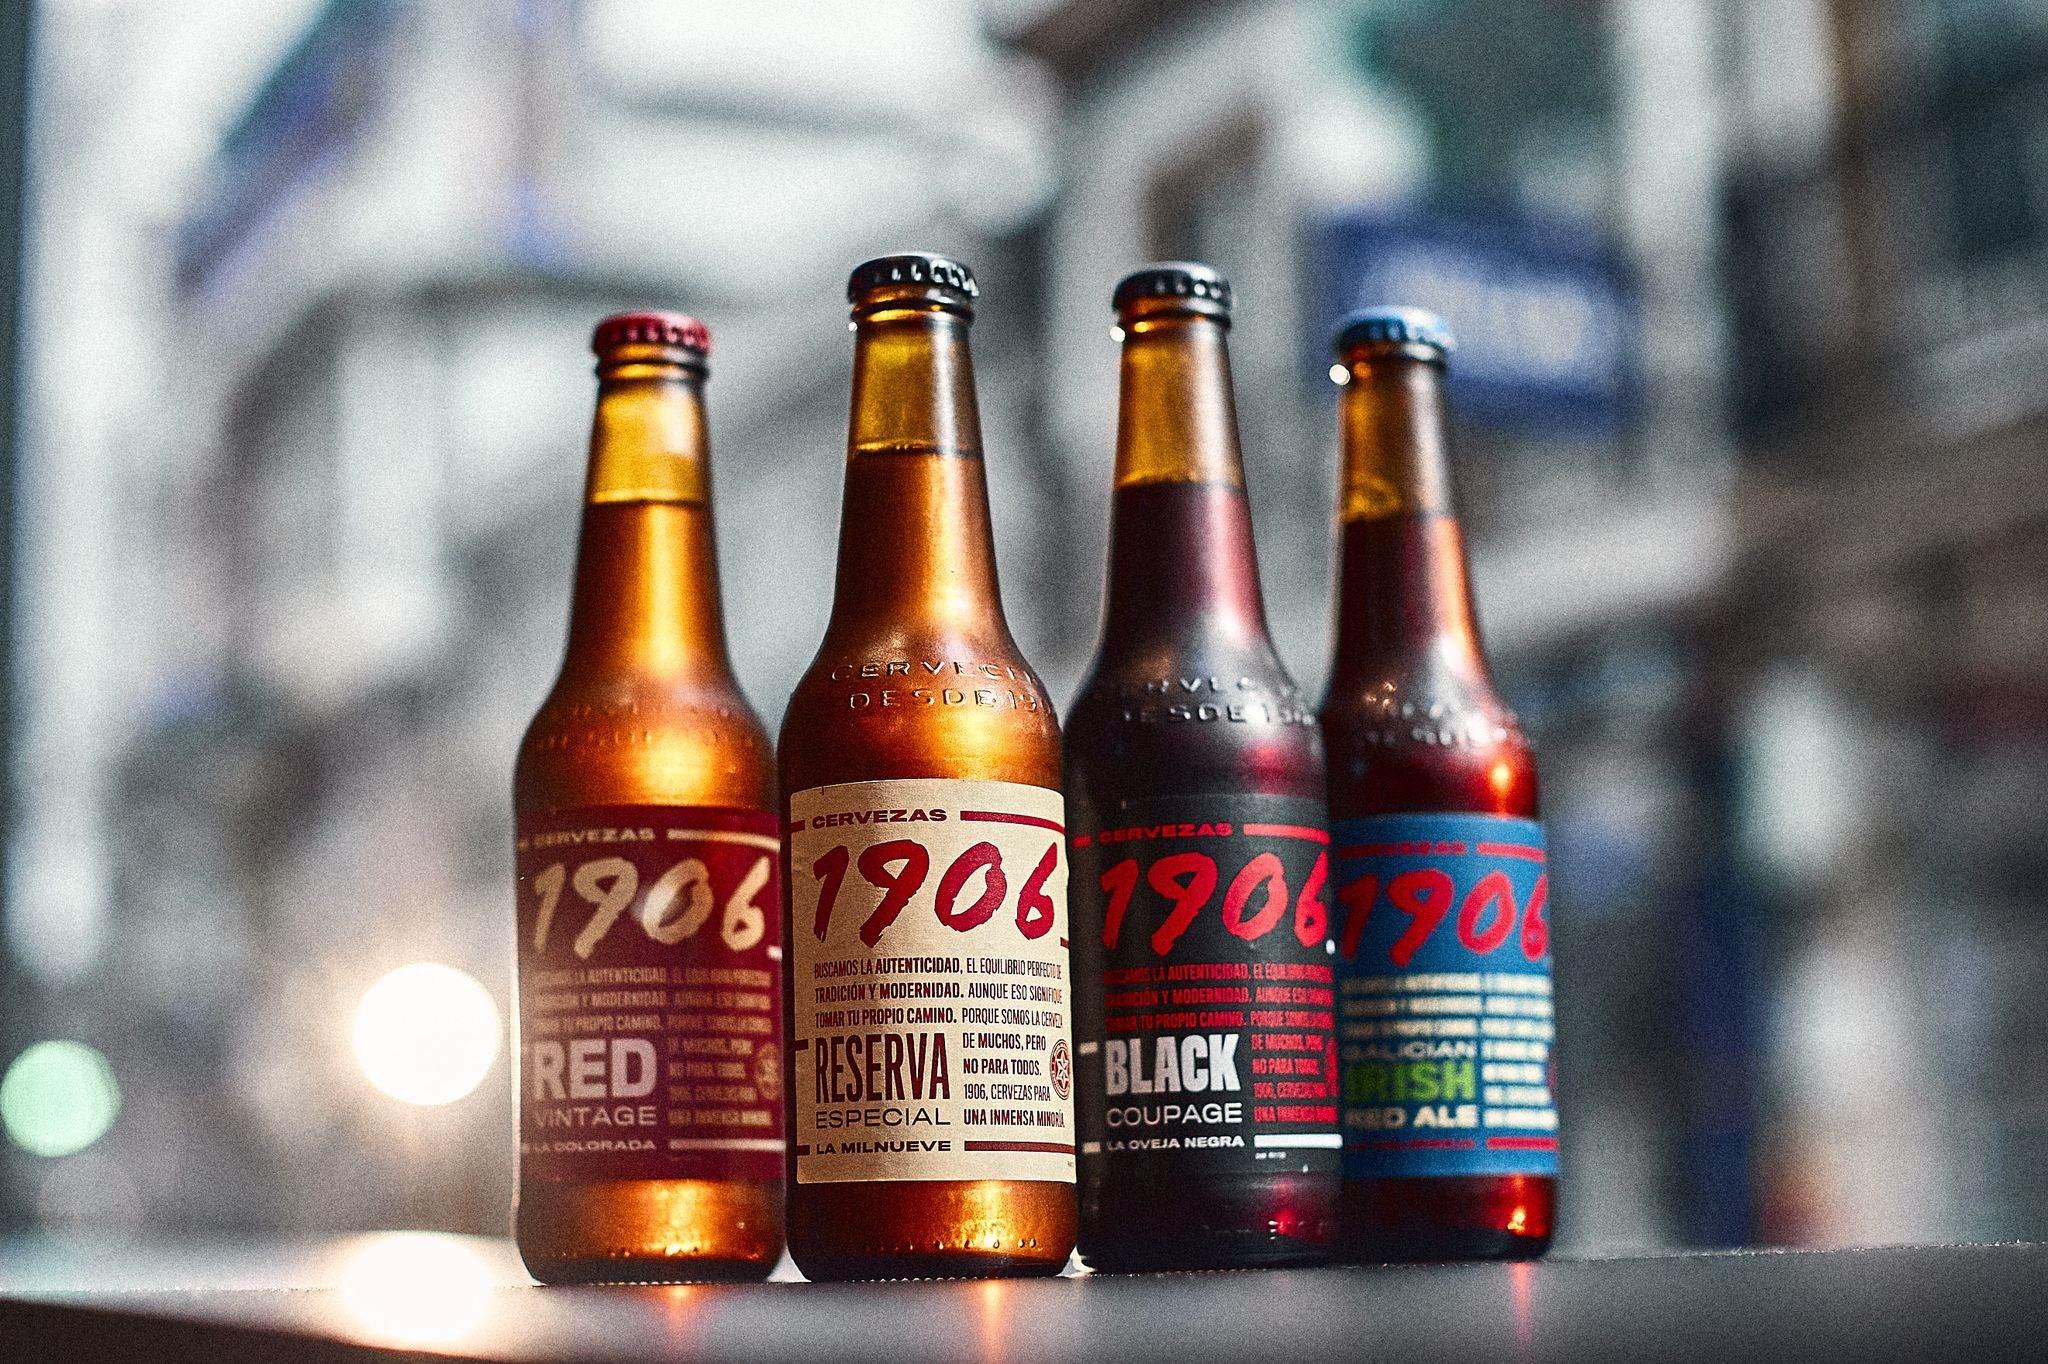 Cervezas 1906 @EstrellaGalicia